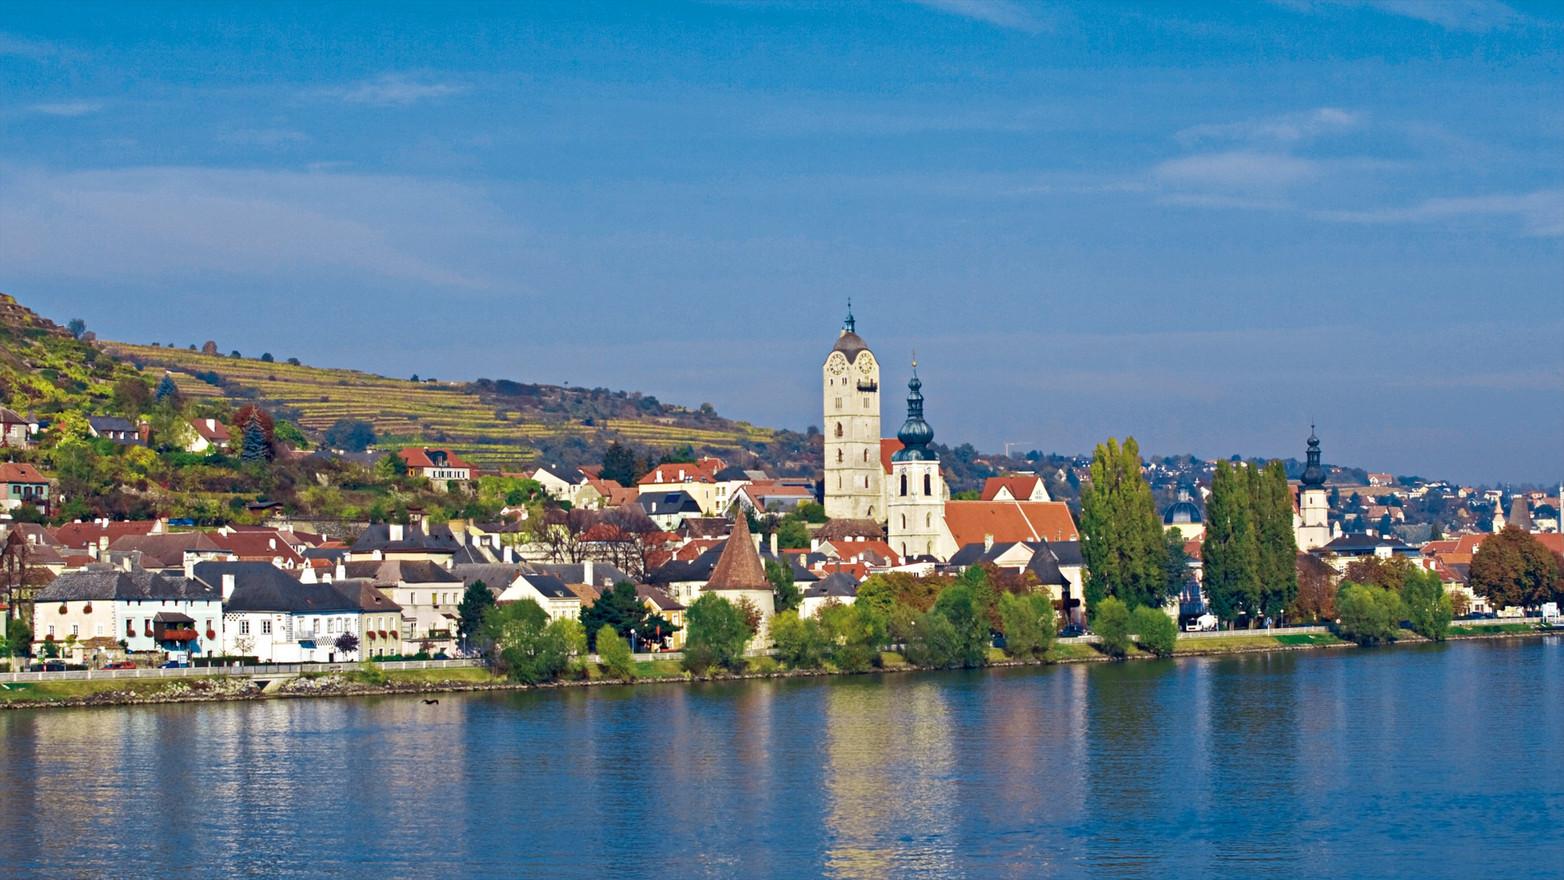 Krems an der Donau (Austria)